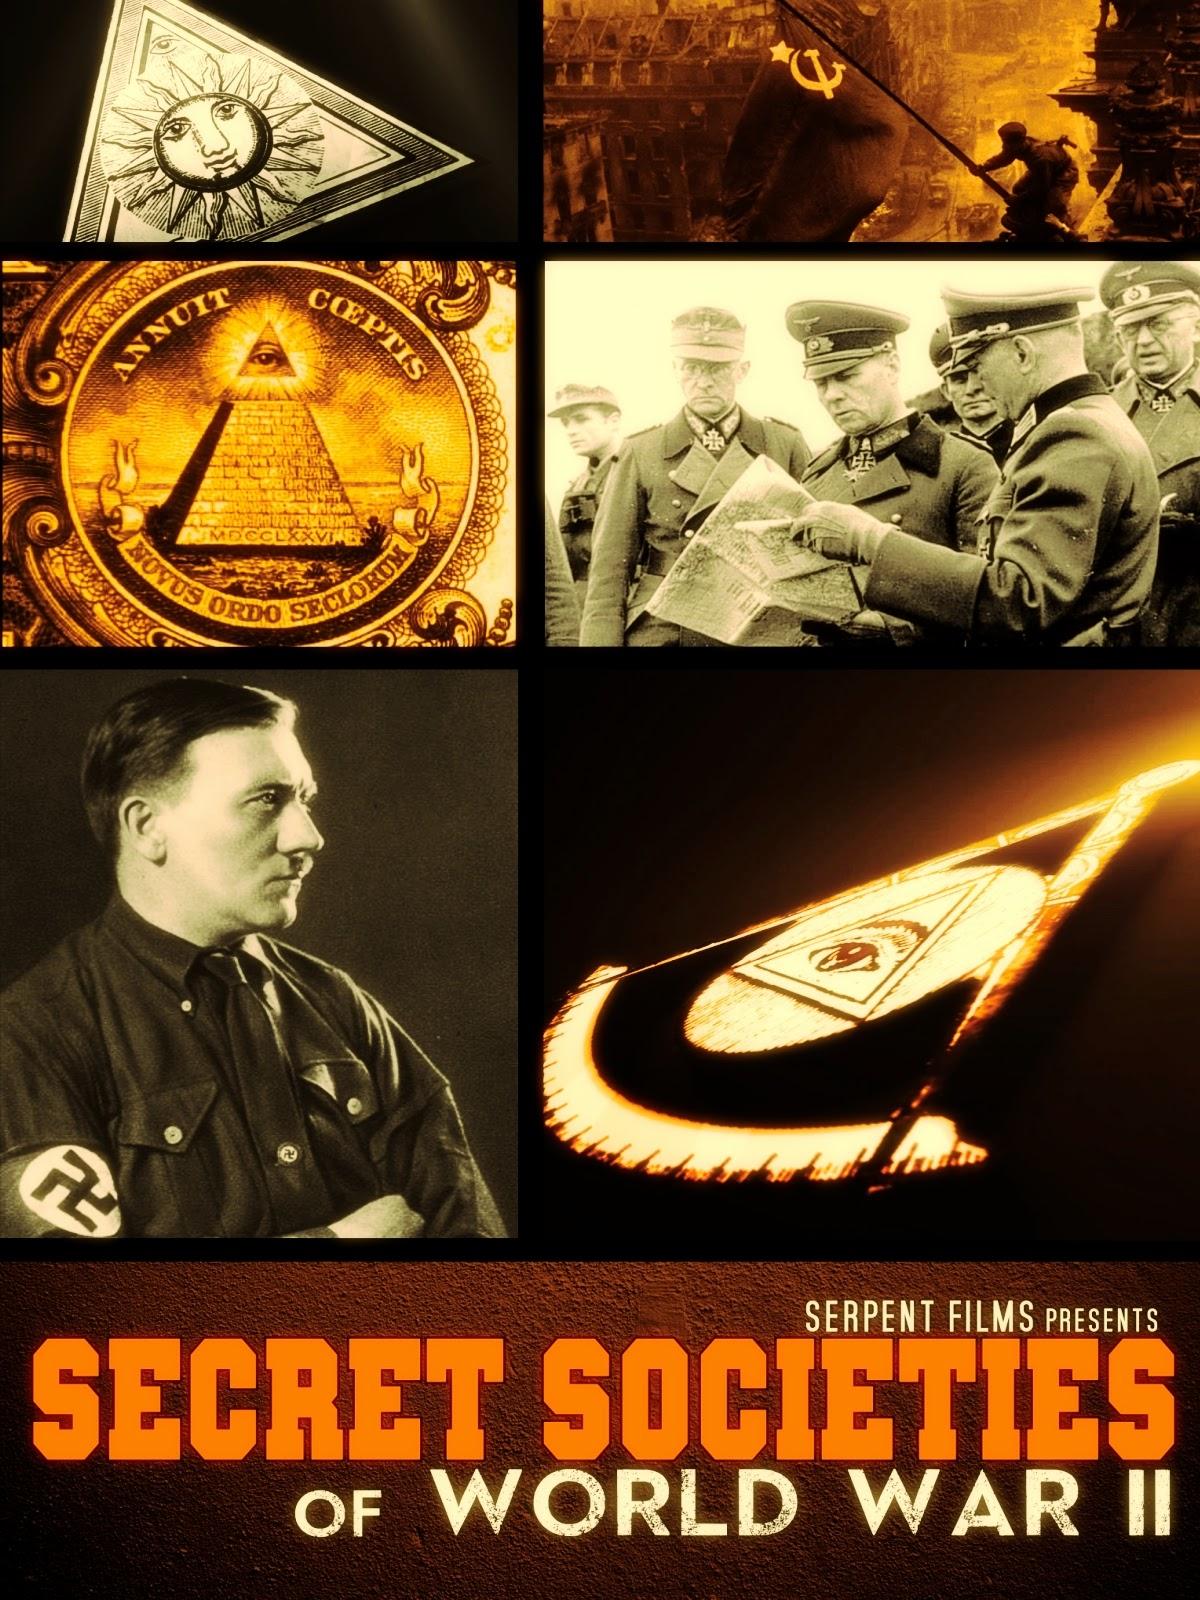 http://www.amazon.com/Secret-Societies-World-War-II/dp/B00WAKLQRO/ref=sr_1_1?s=movies-tv&ie=UTF8&qid=1429349585&sr=1-1&keywords=secret+societies+of+world+war+ii